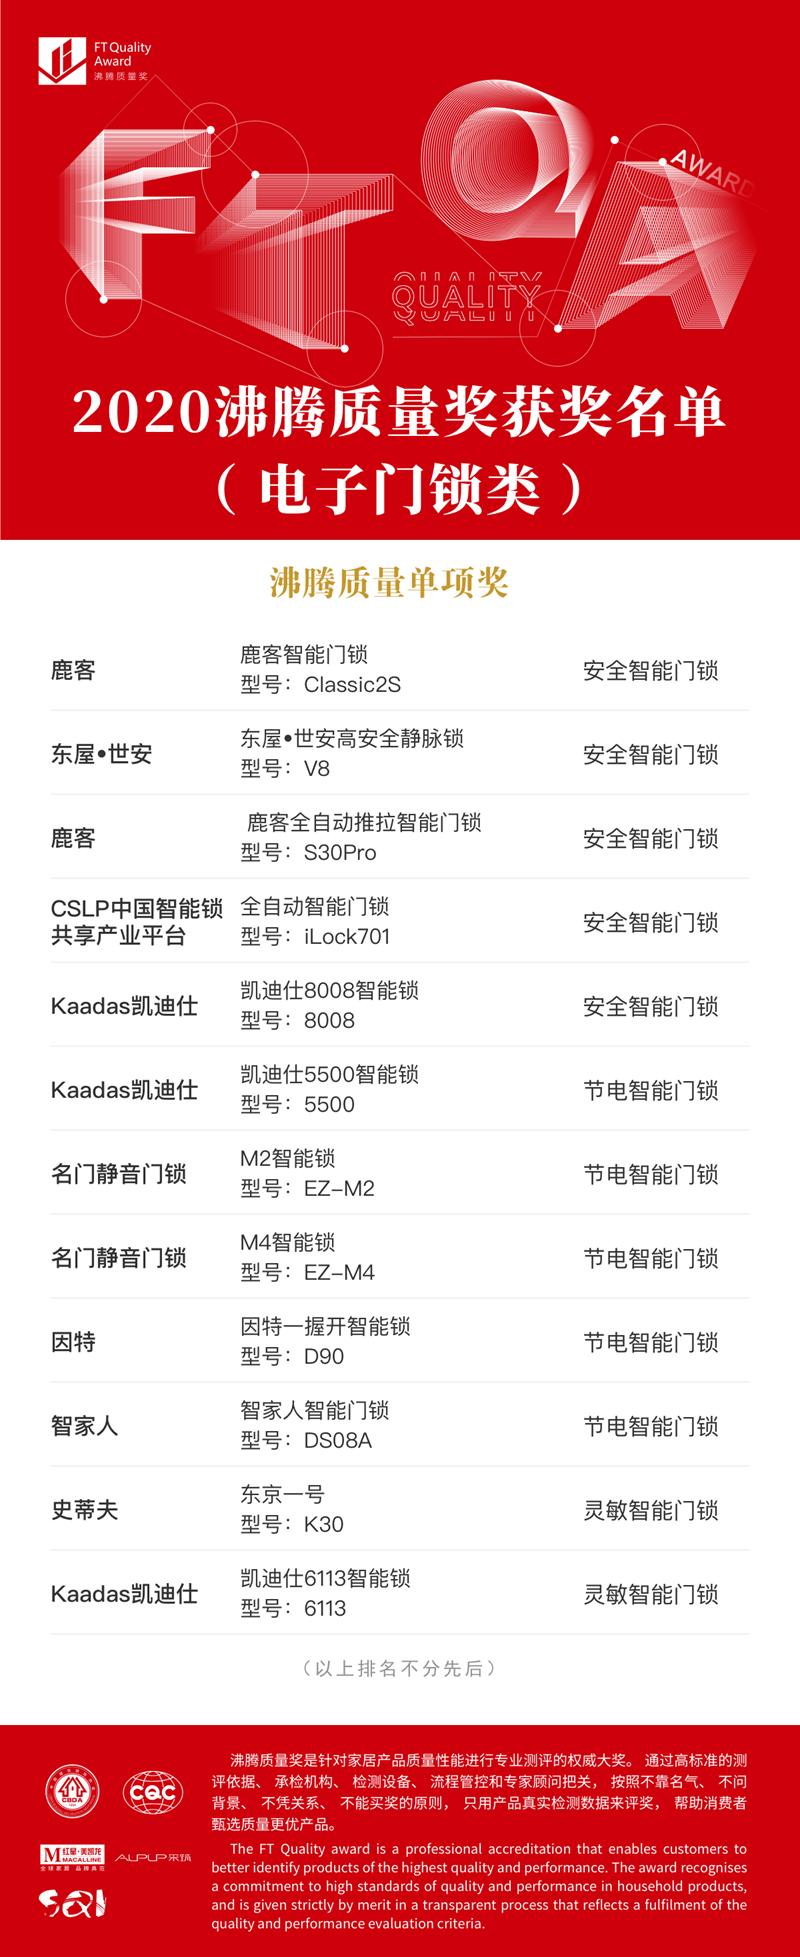 12 沸腾质量奖-电子门锁-单项奖_副本 (1).png